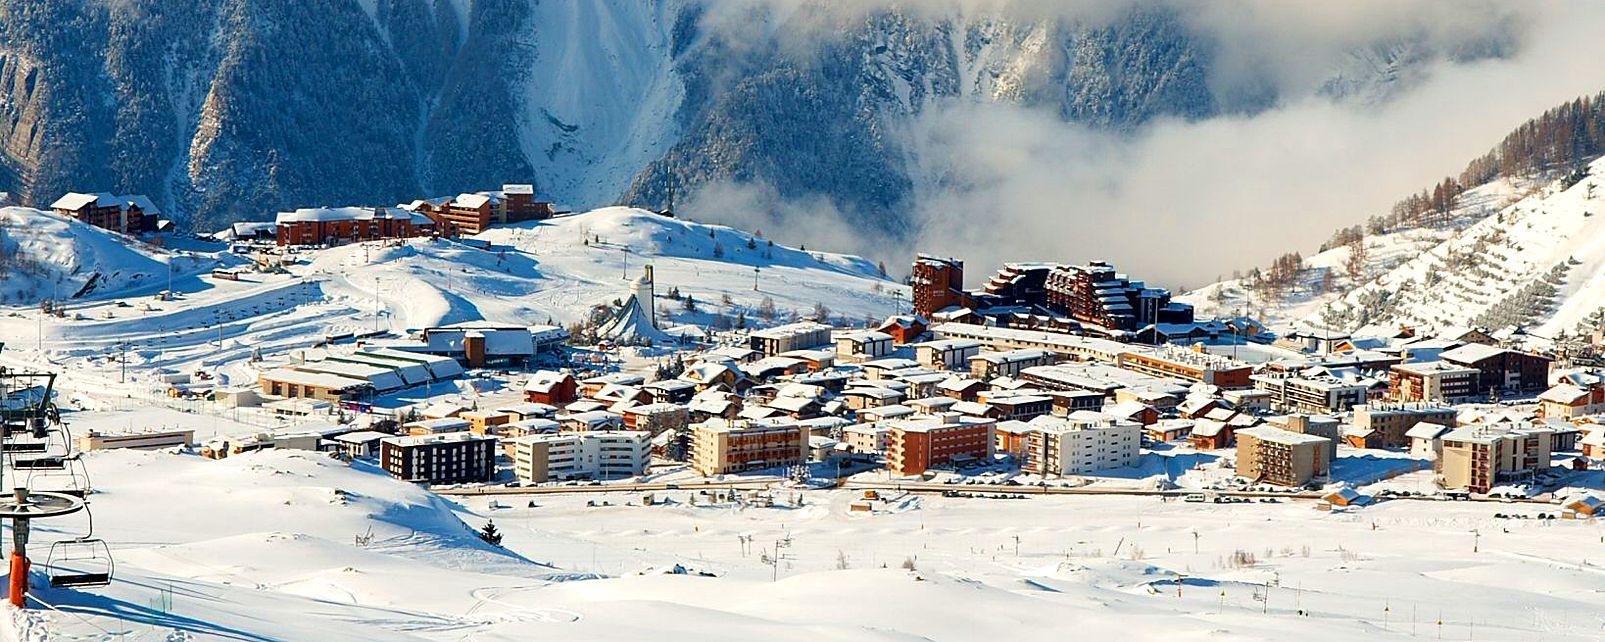 Le guide de voyage les deux alpes easyvoyage for Piscine 2 alpes